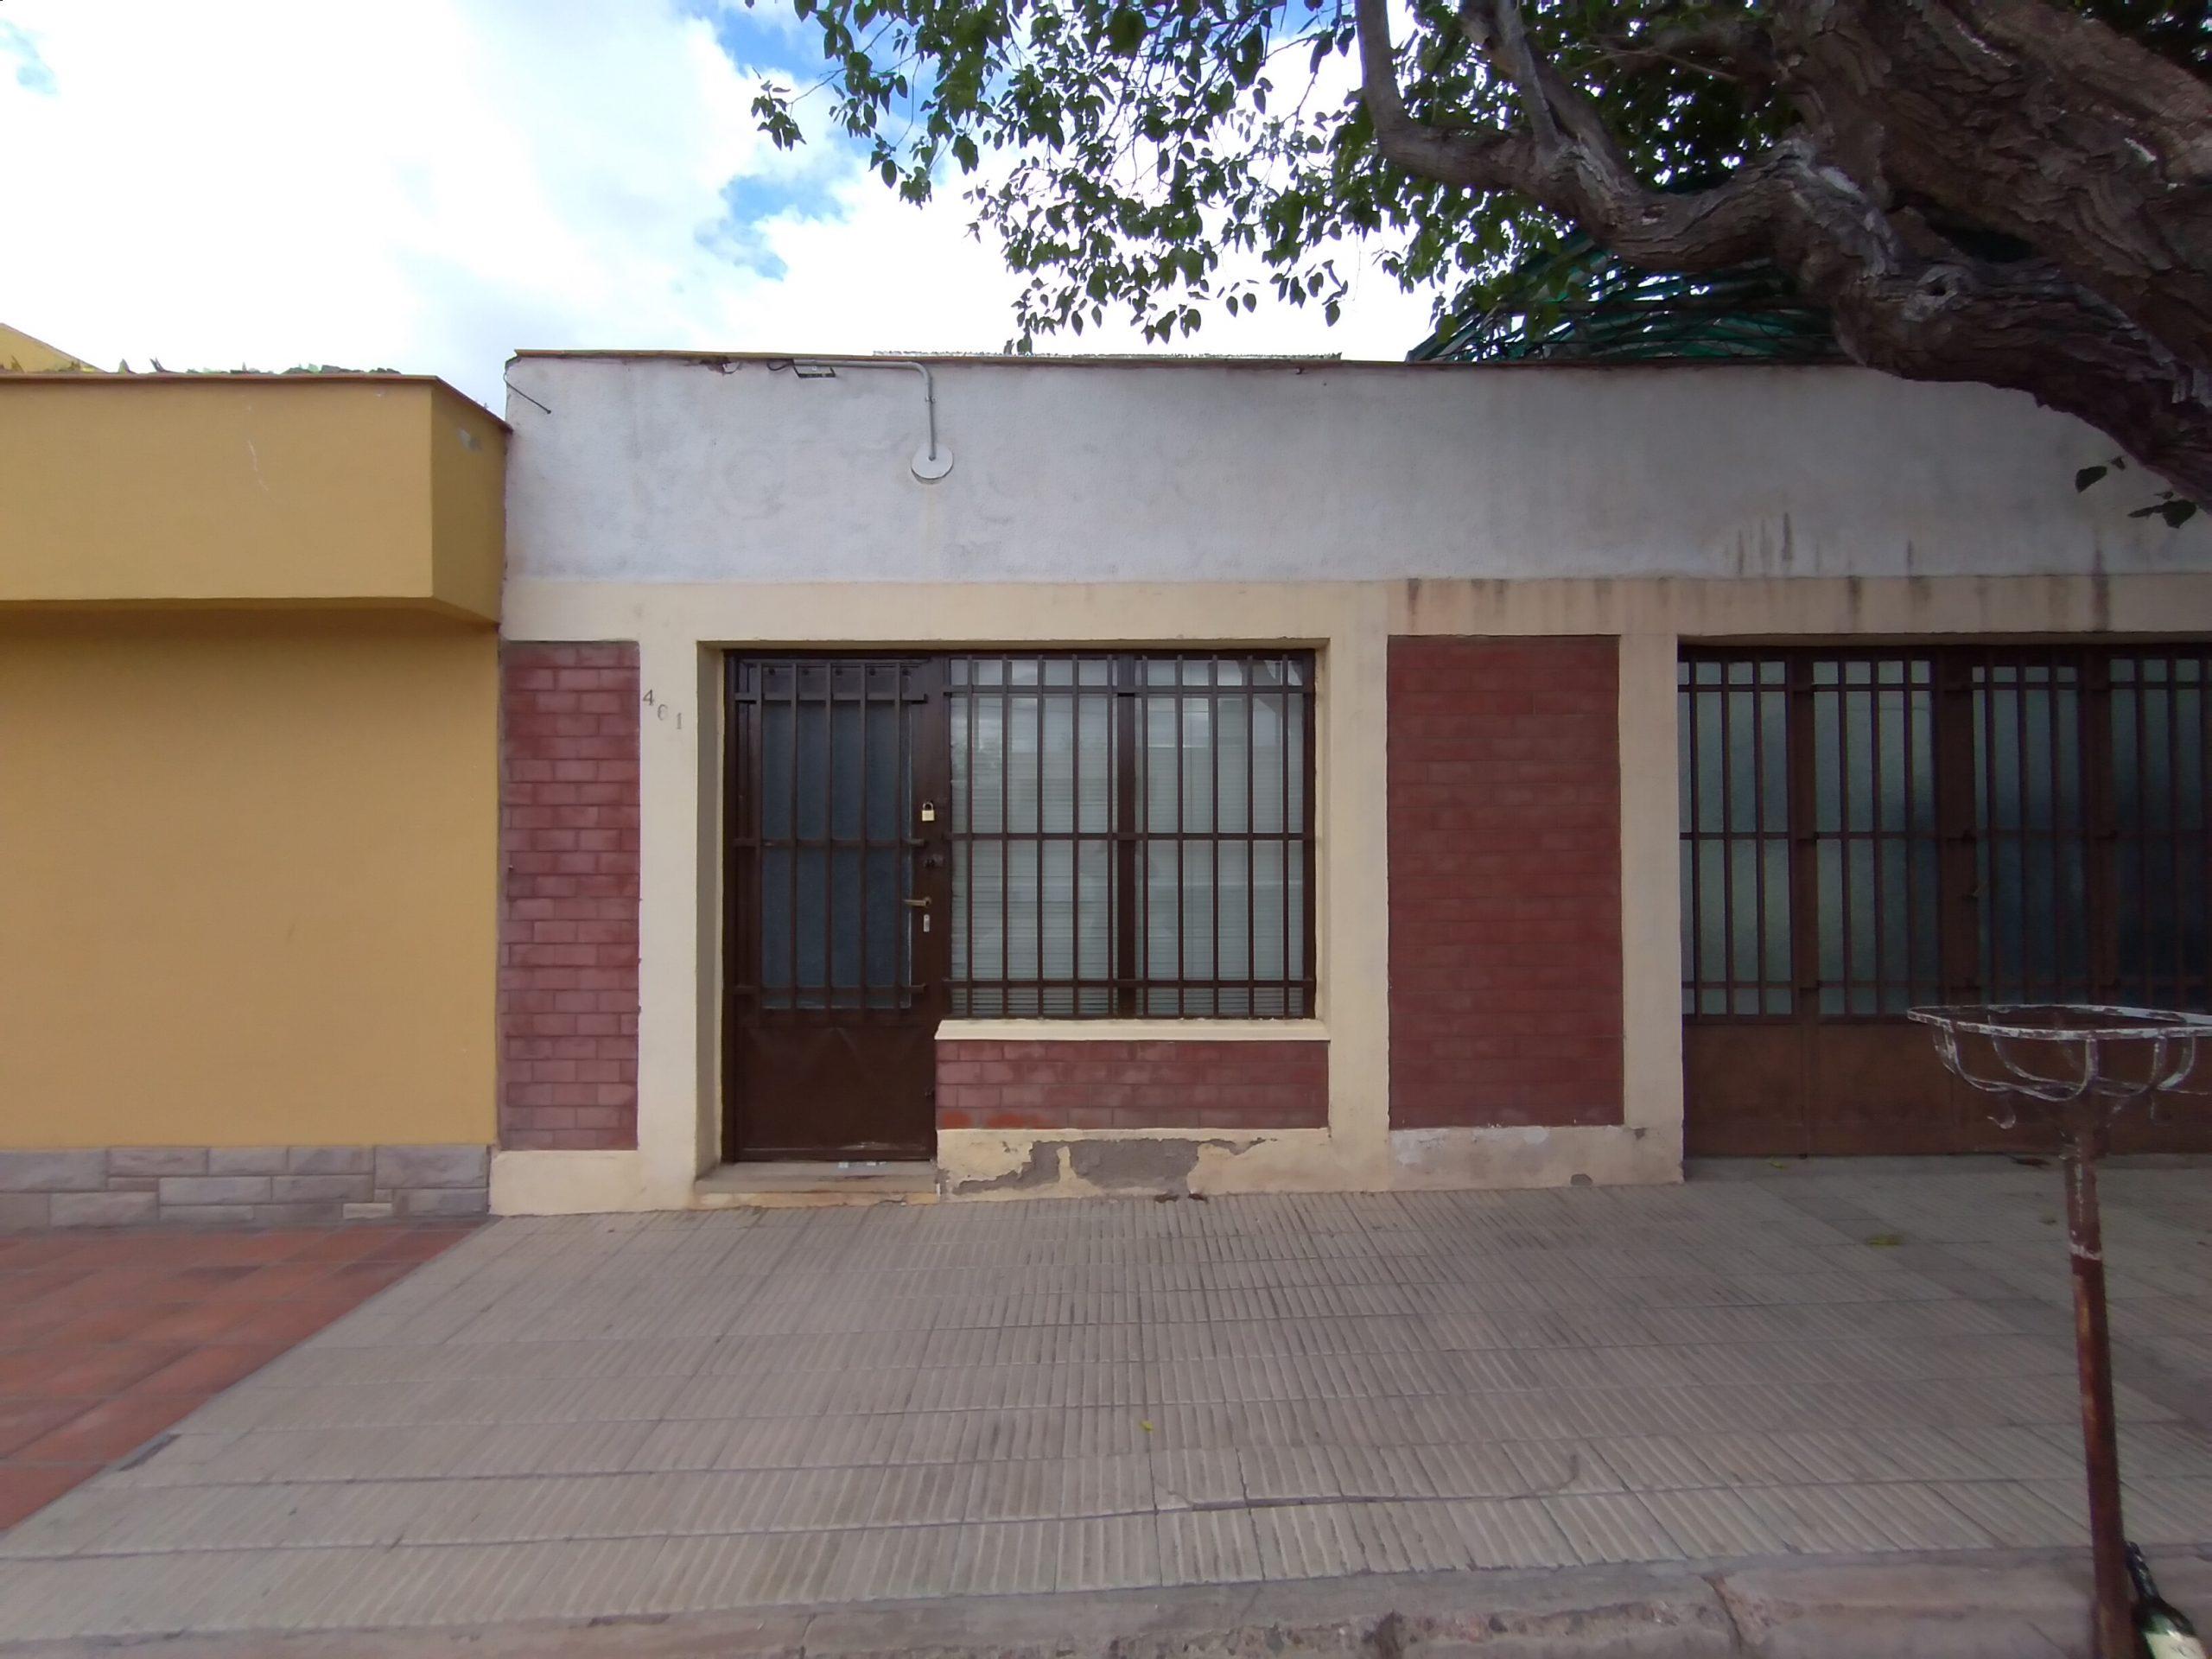 Local Comercial Eusebio Blanco casi Dorrego, Gllén.-